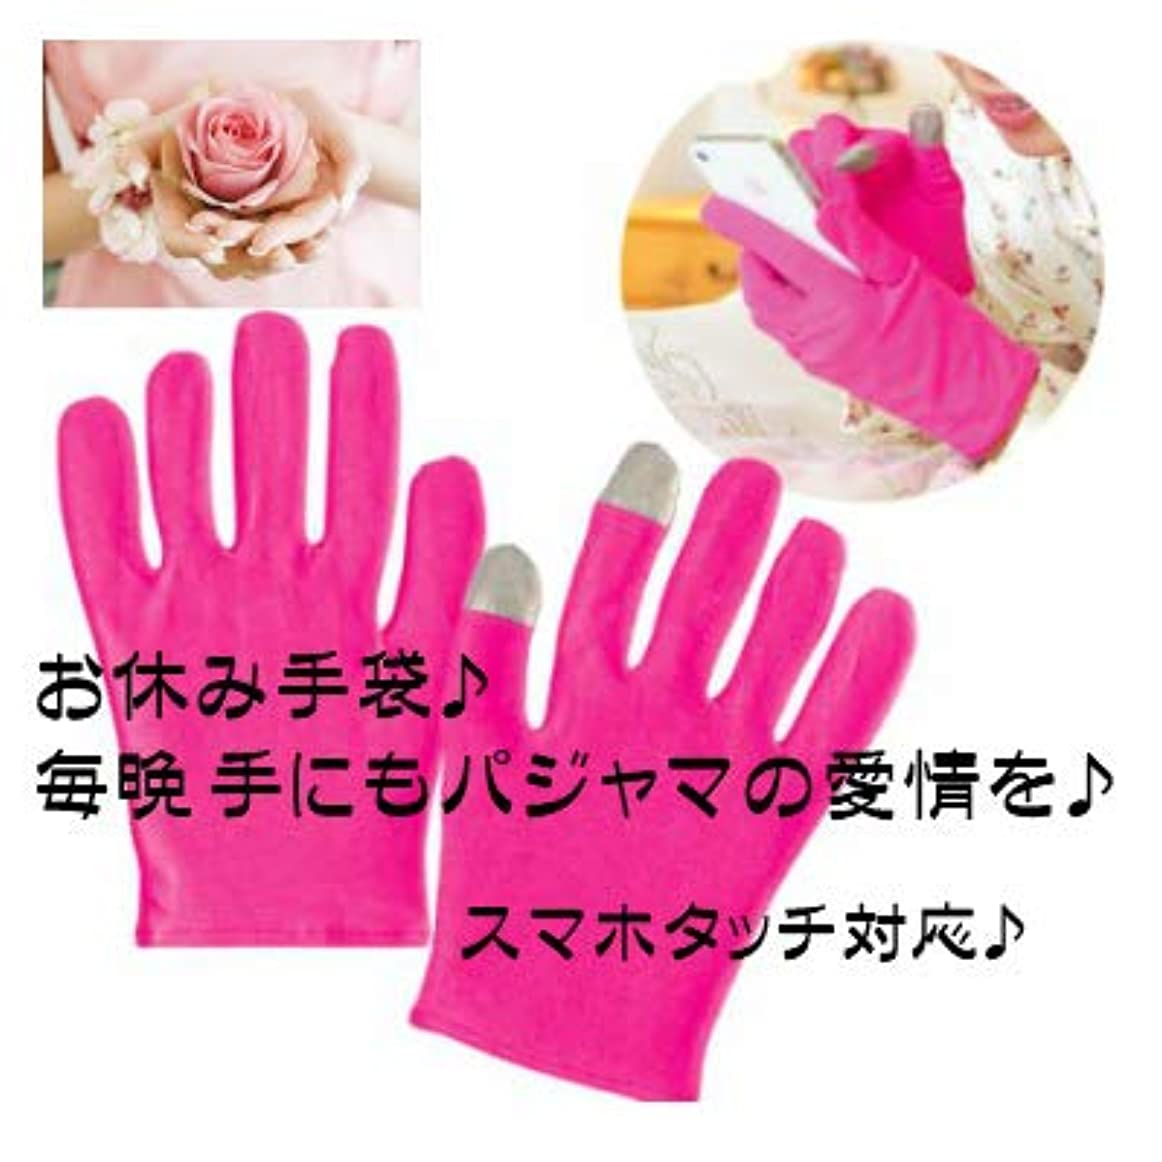 いっぱい非効率的な耐える●美容ハンドケア手袋 就寝手袋 スマホタッチ対応 おやすみ手袋保湿手袋ネイルケア